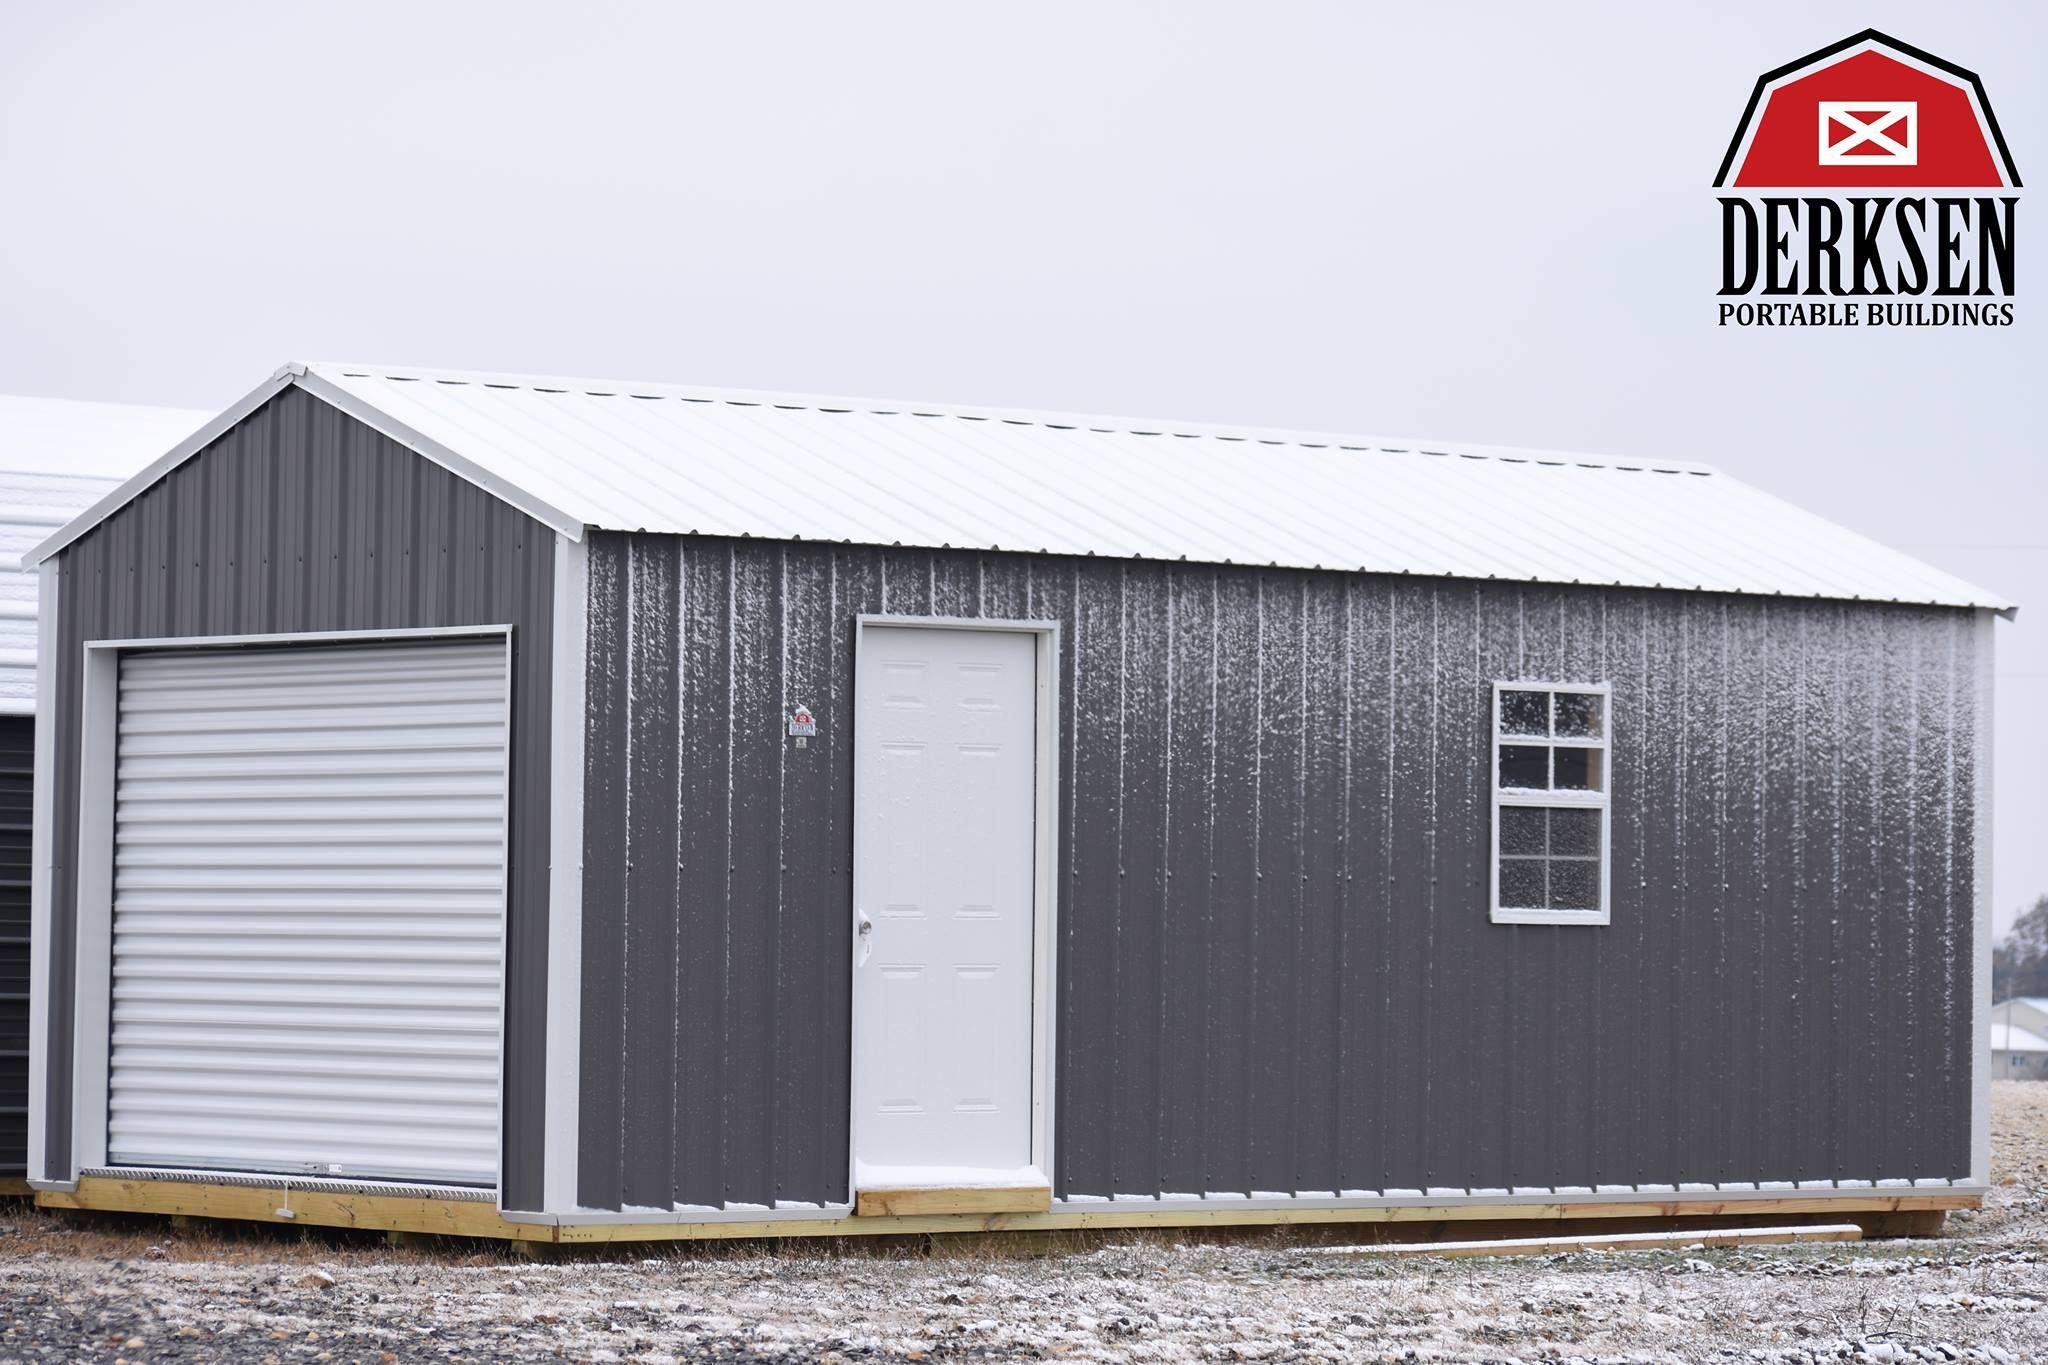 Pin By Derksen Portable Buildings On Derksen Buildings Portable Buildings Outdoor Sheds Backyard Storage